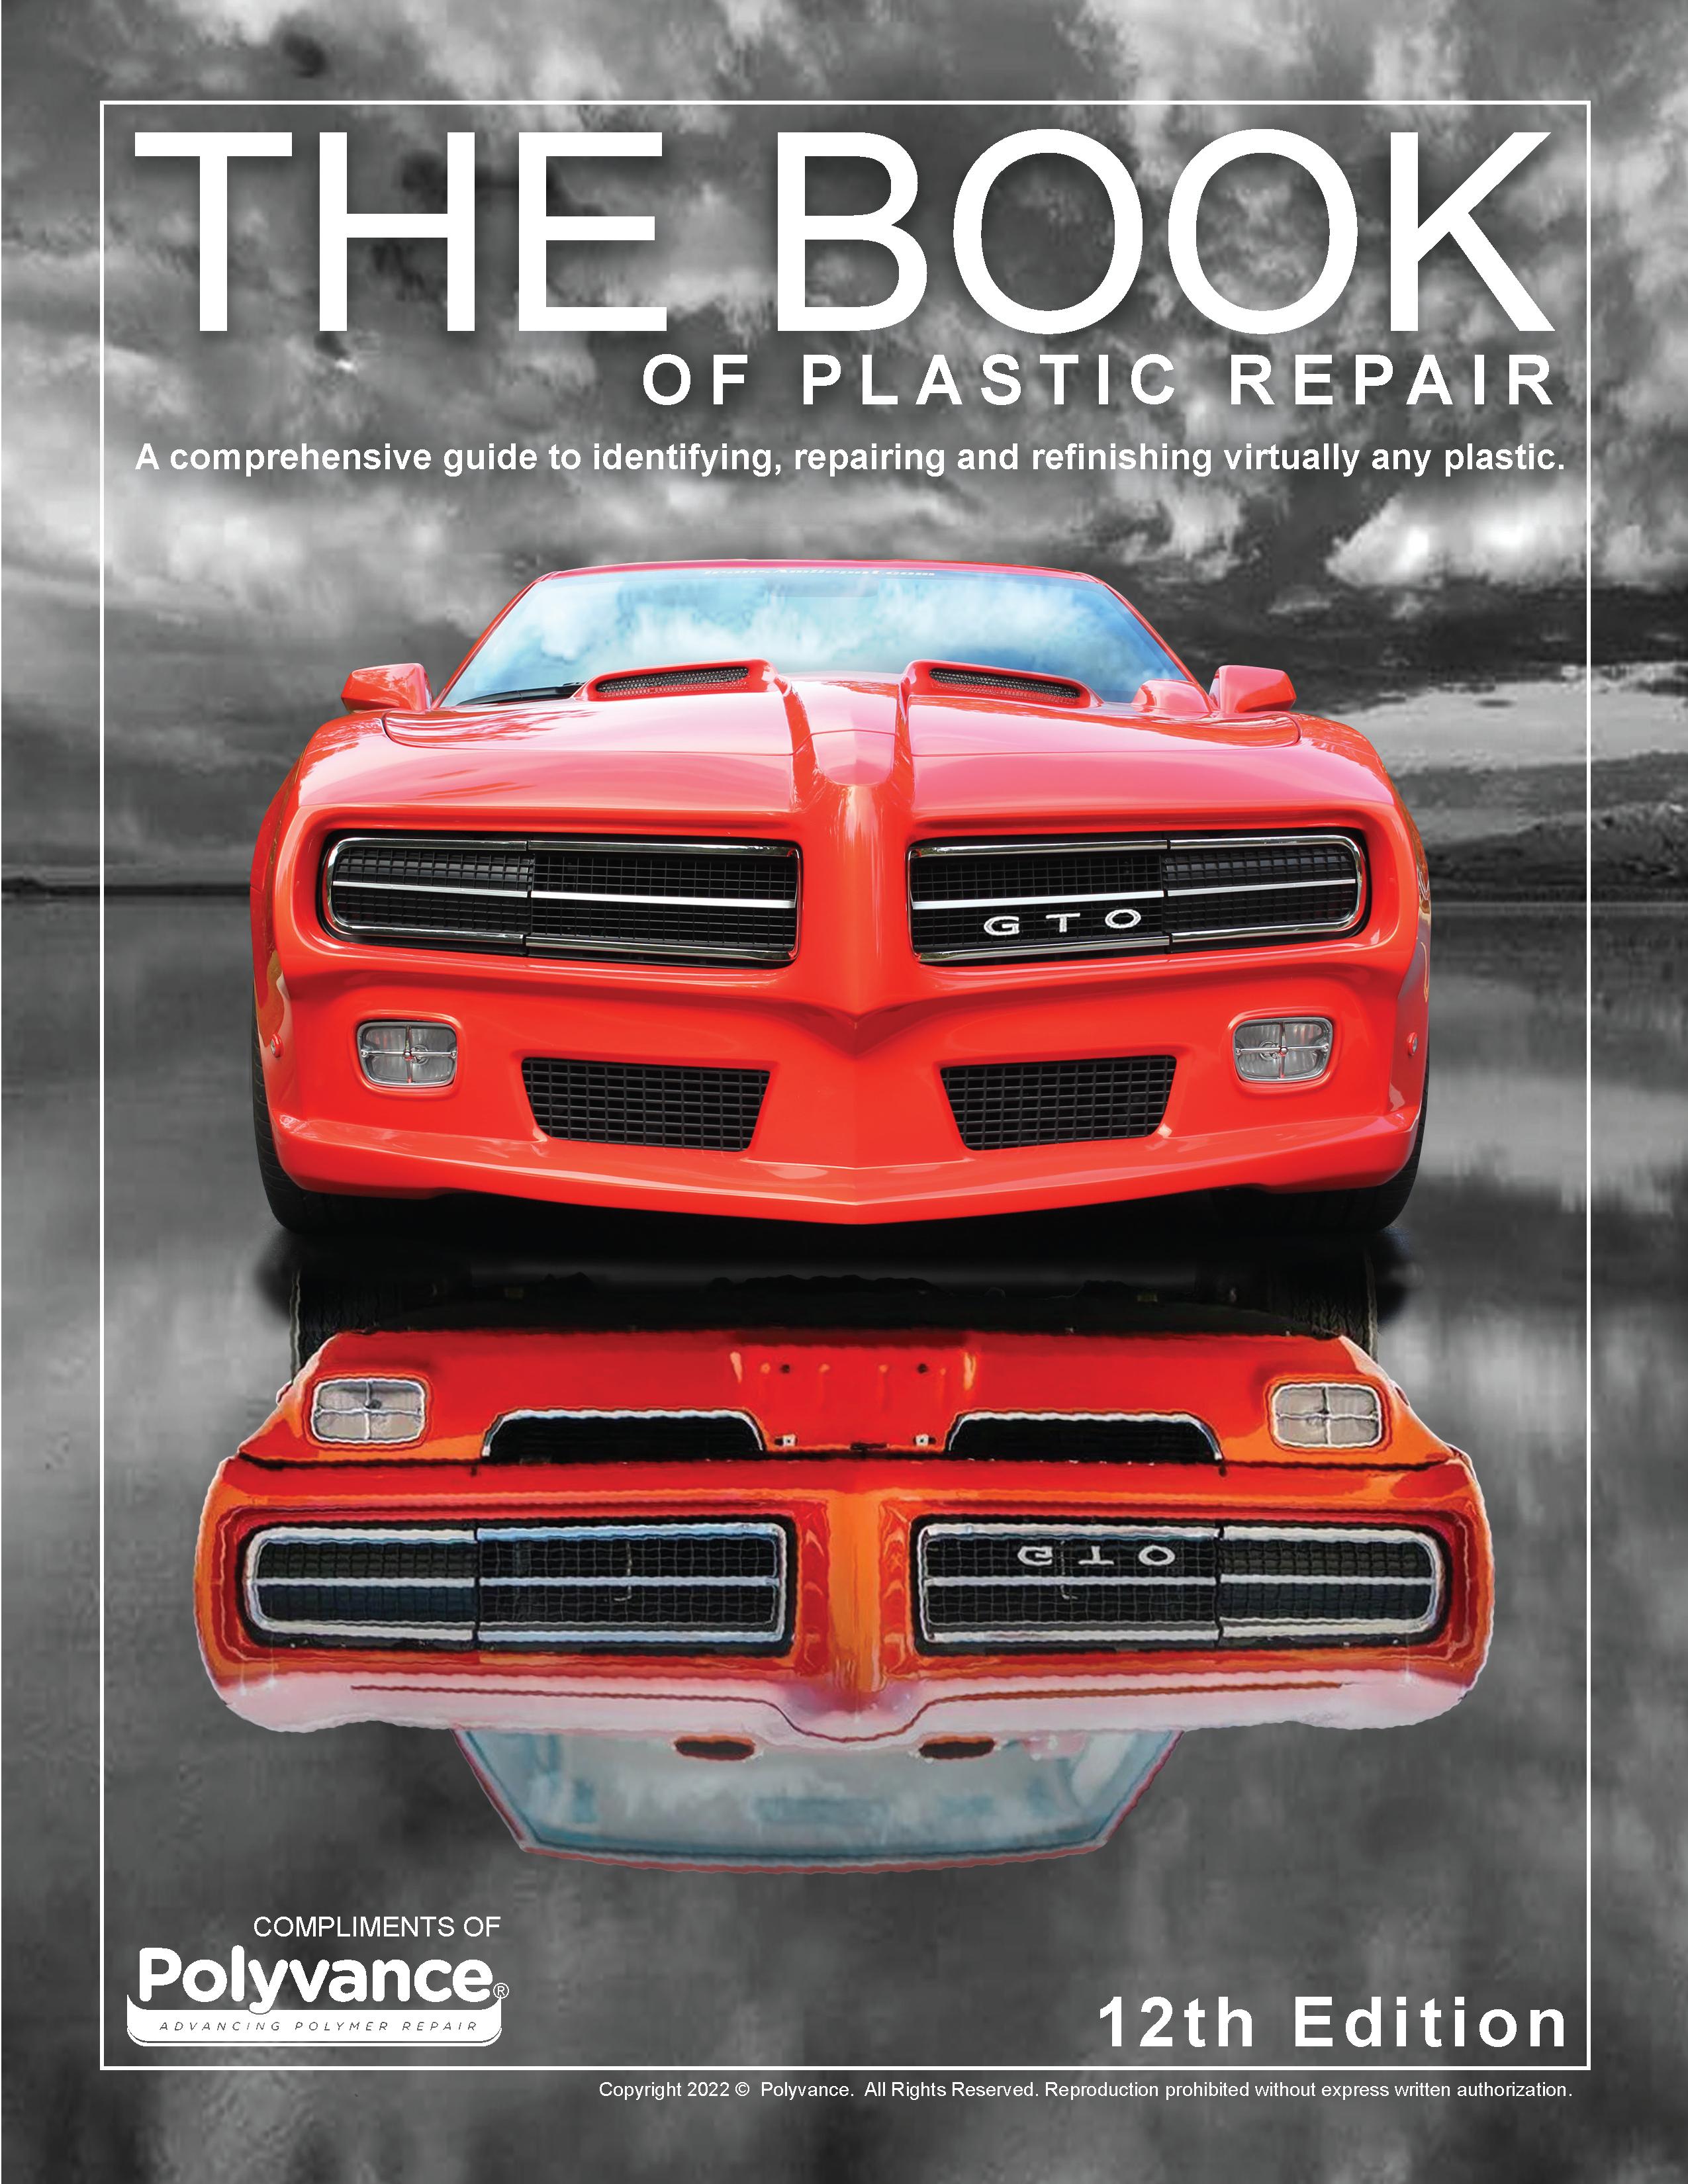 The book of plastic repair